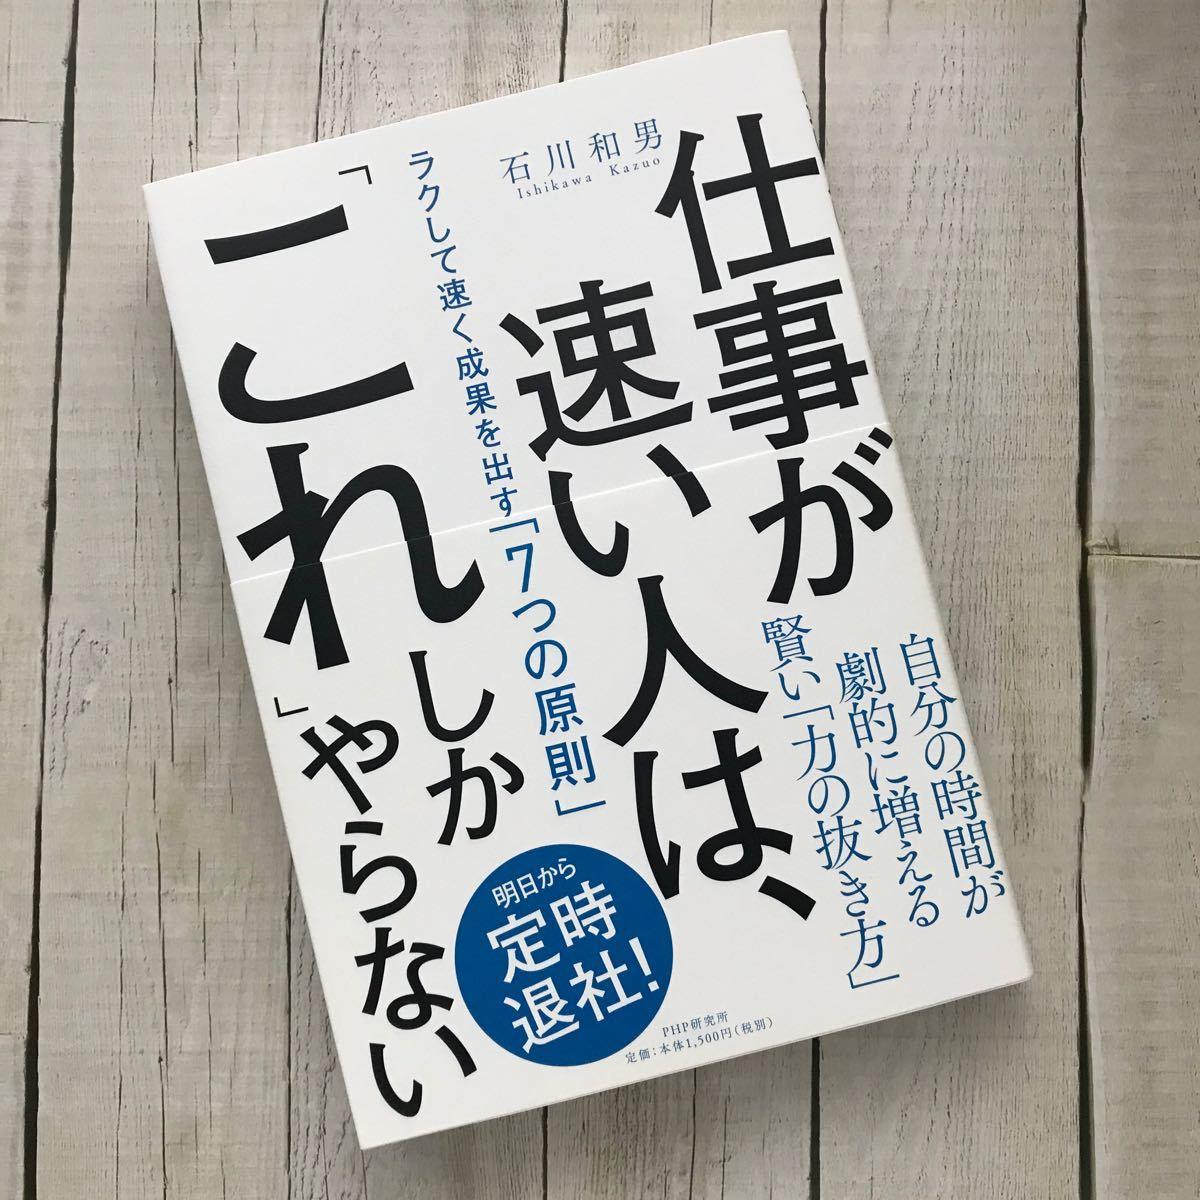 仕事が速い人は、 「これ」 しかやらない ラクして速く成果を出す 「7つの原則」 石川和男